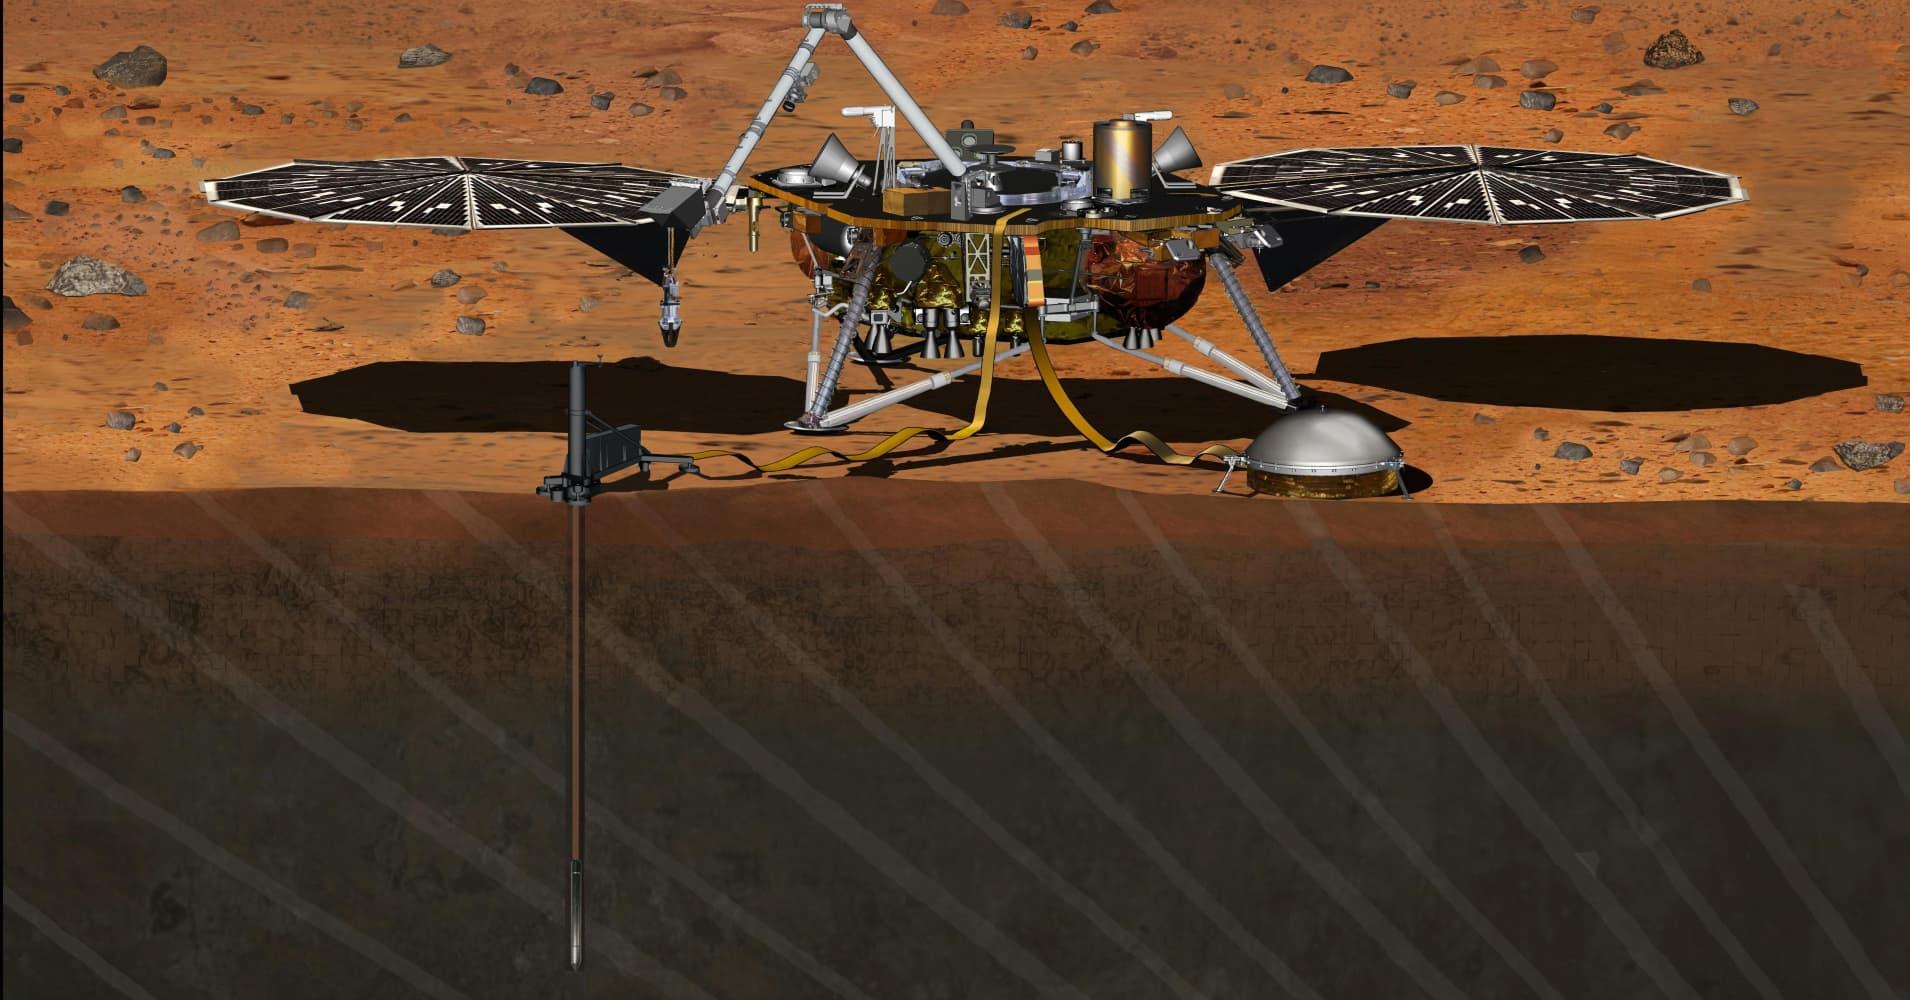 mars insight rover news - photo #22